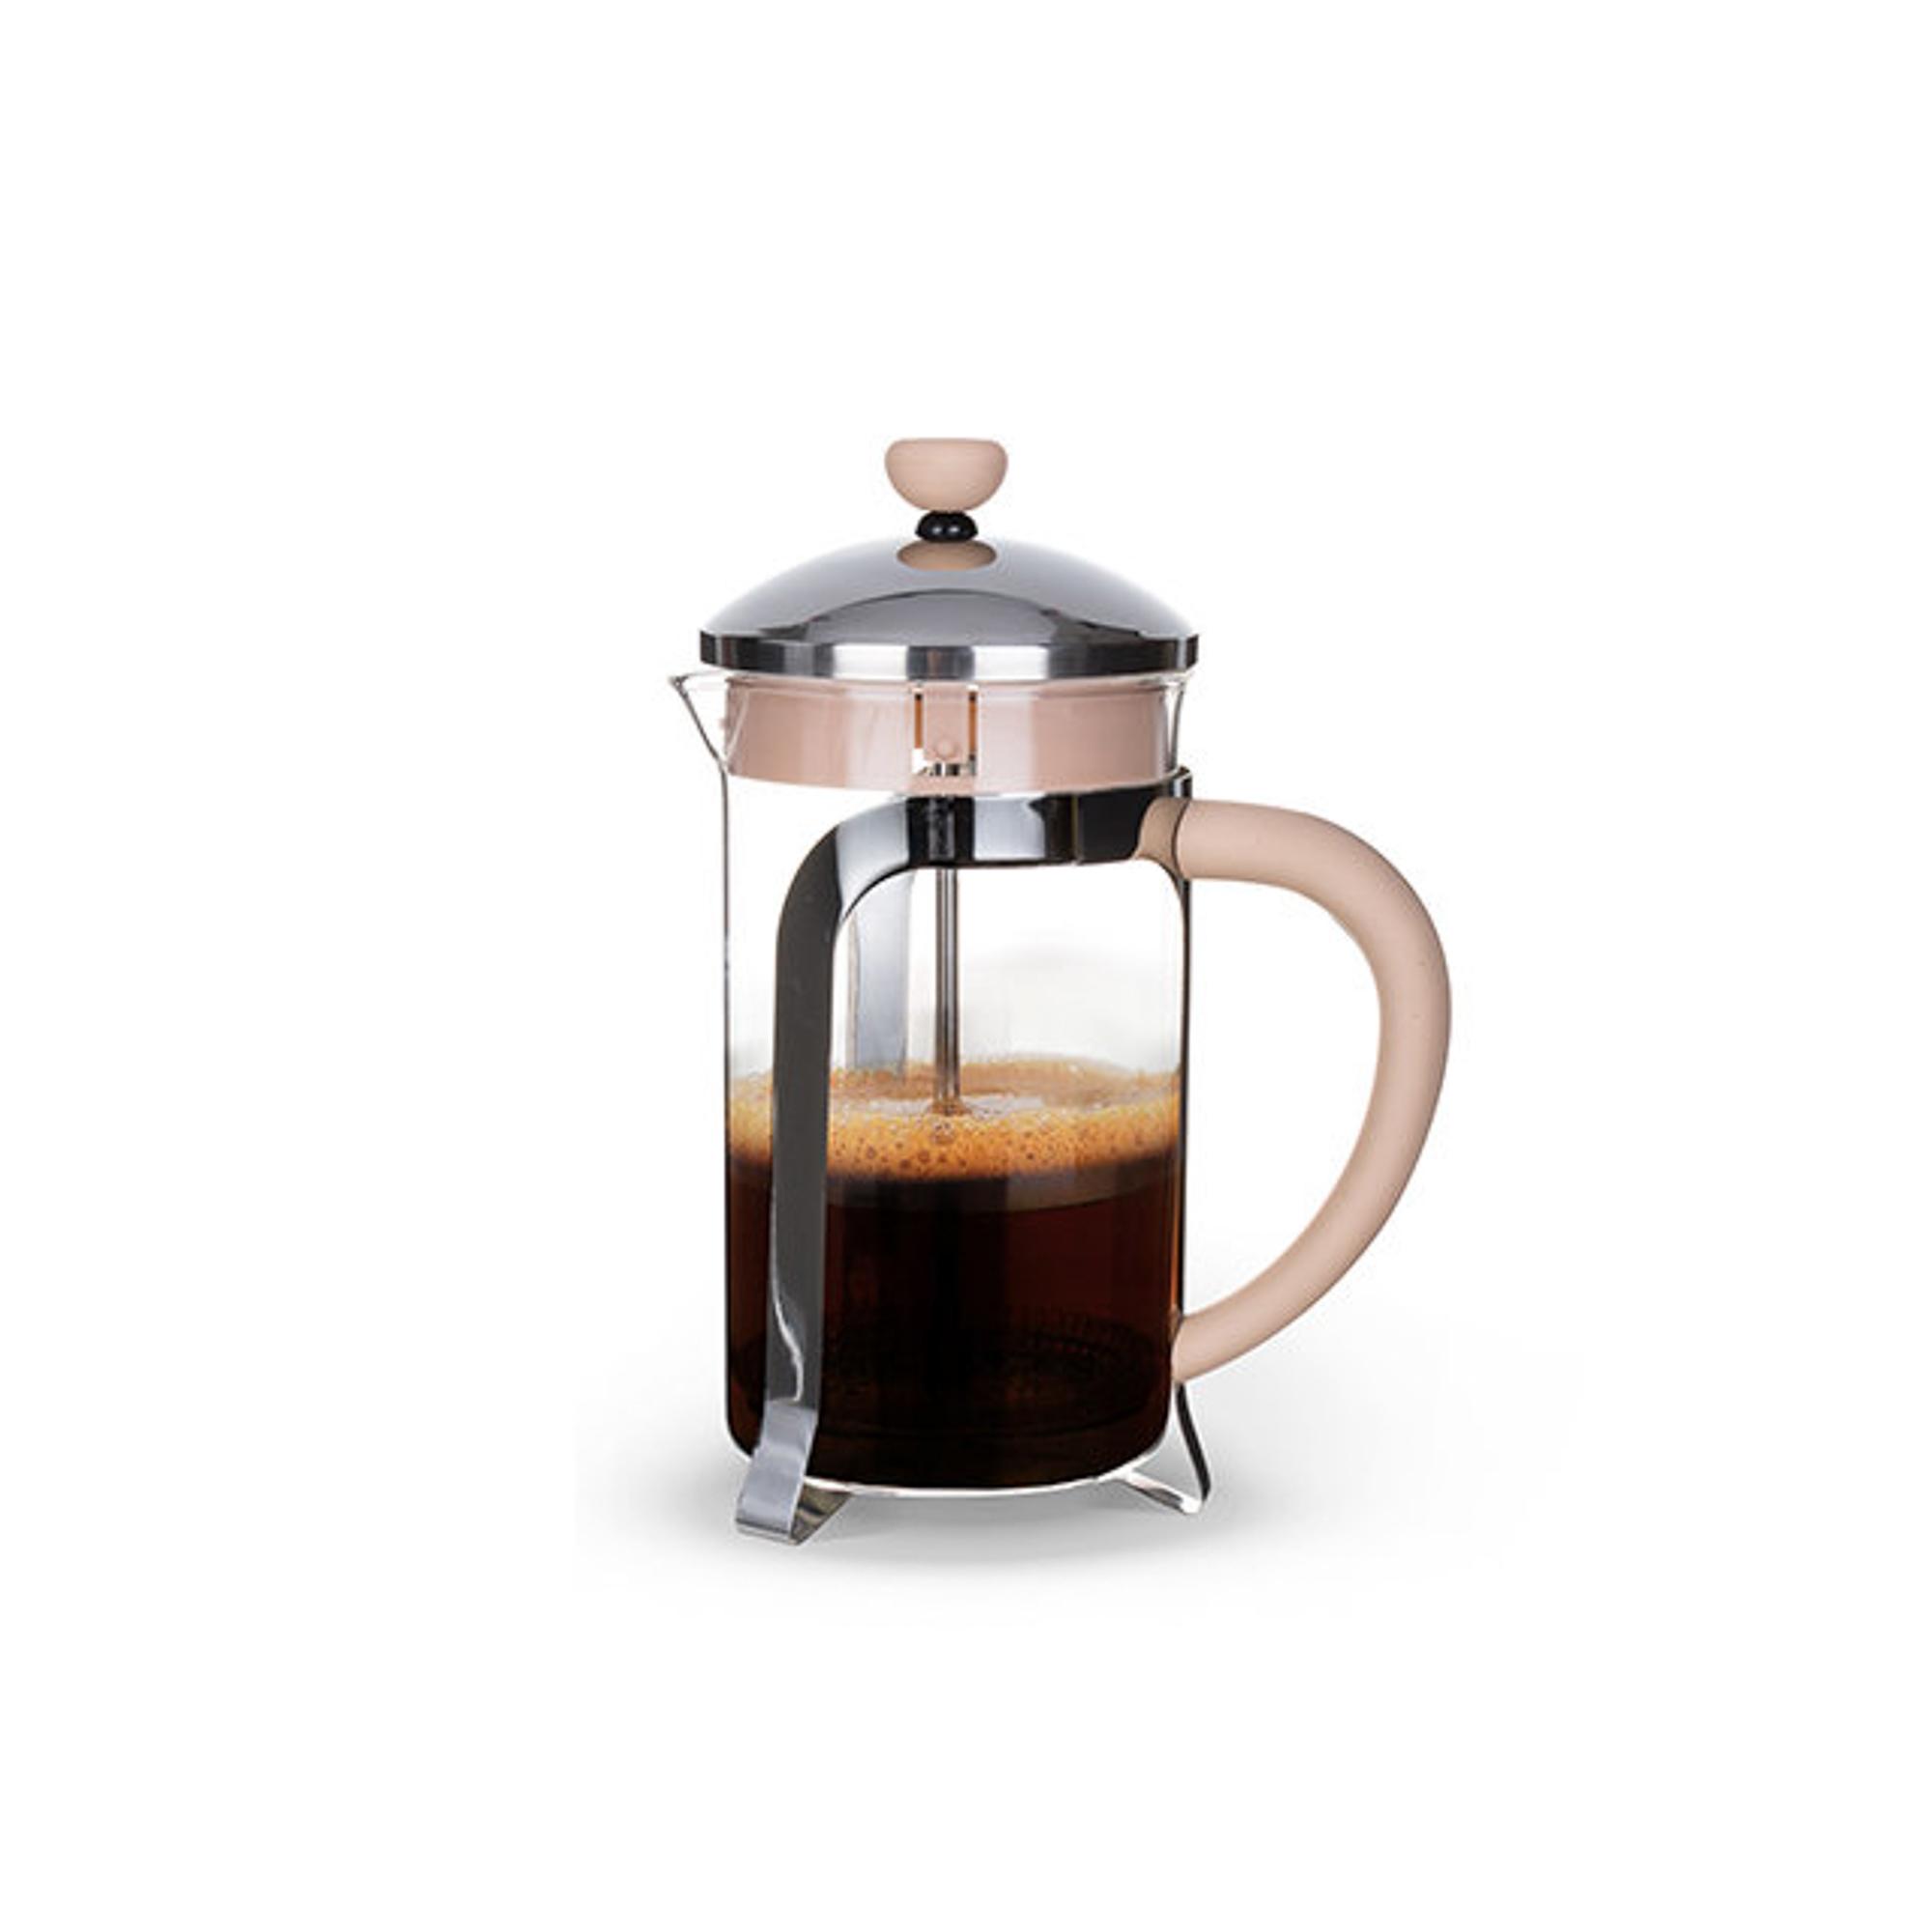 Чайник заварочный с поршнем Fissman cafe glace 350 мл чайник заварочный latte 600мл с поршнем стеклянная колба